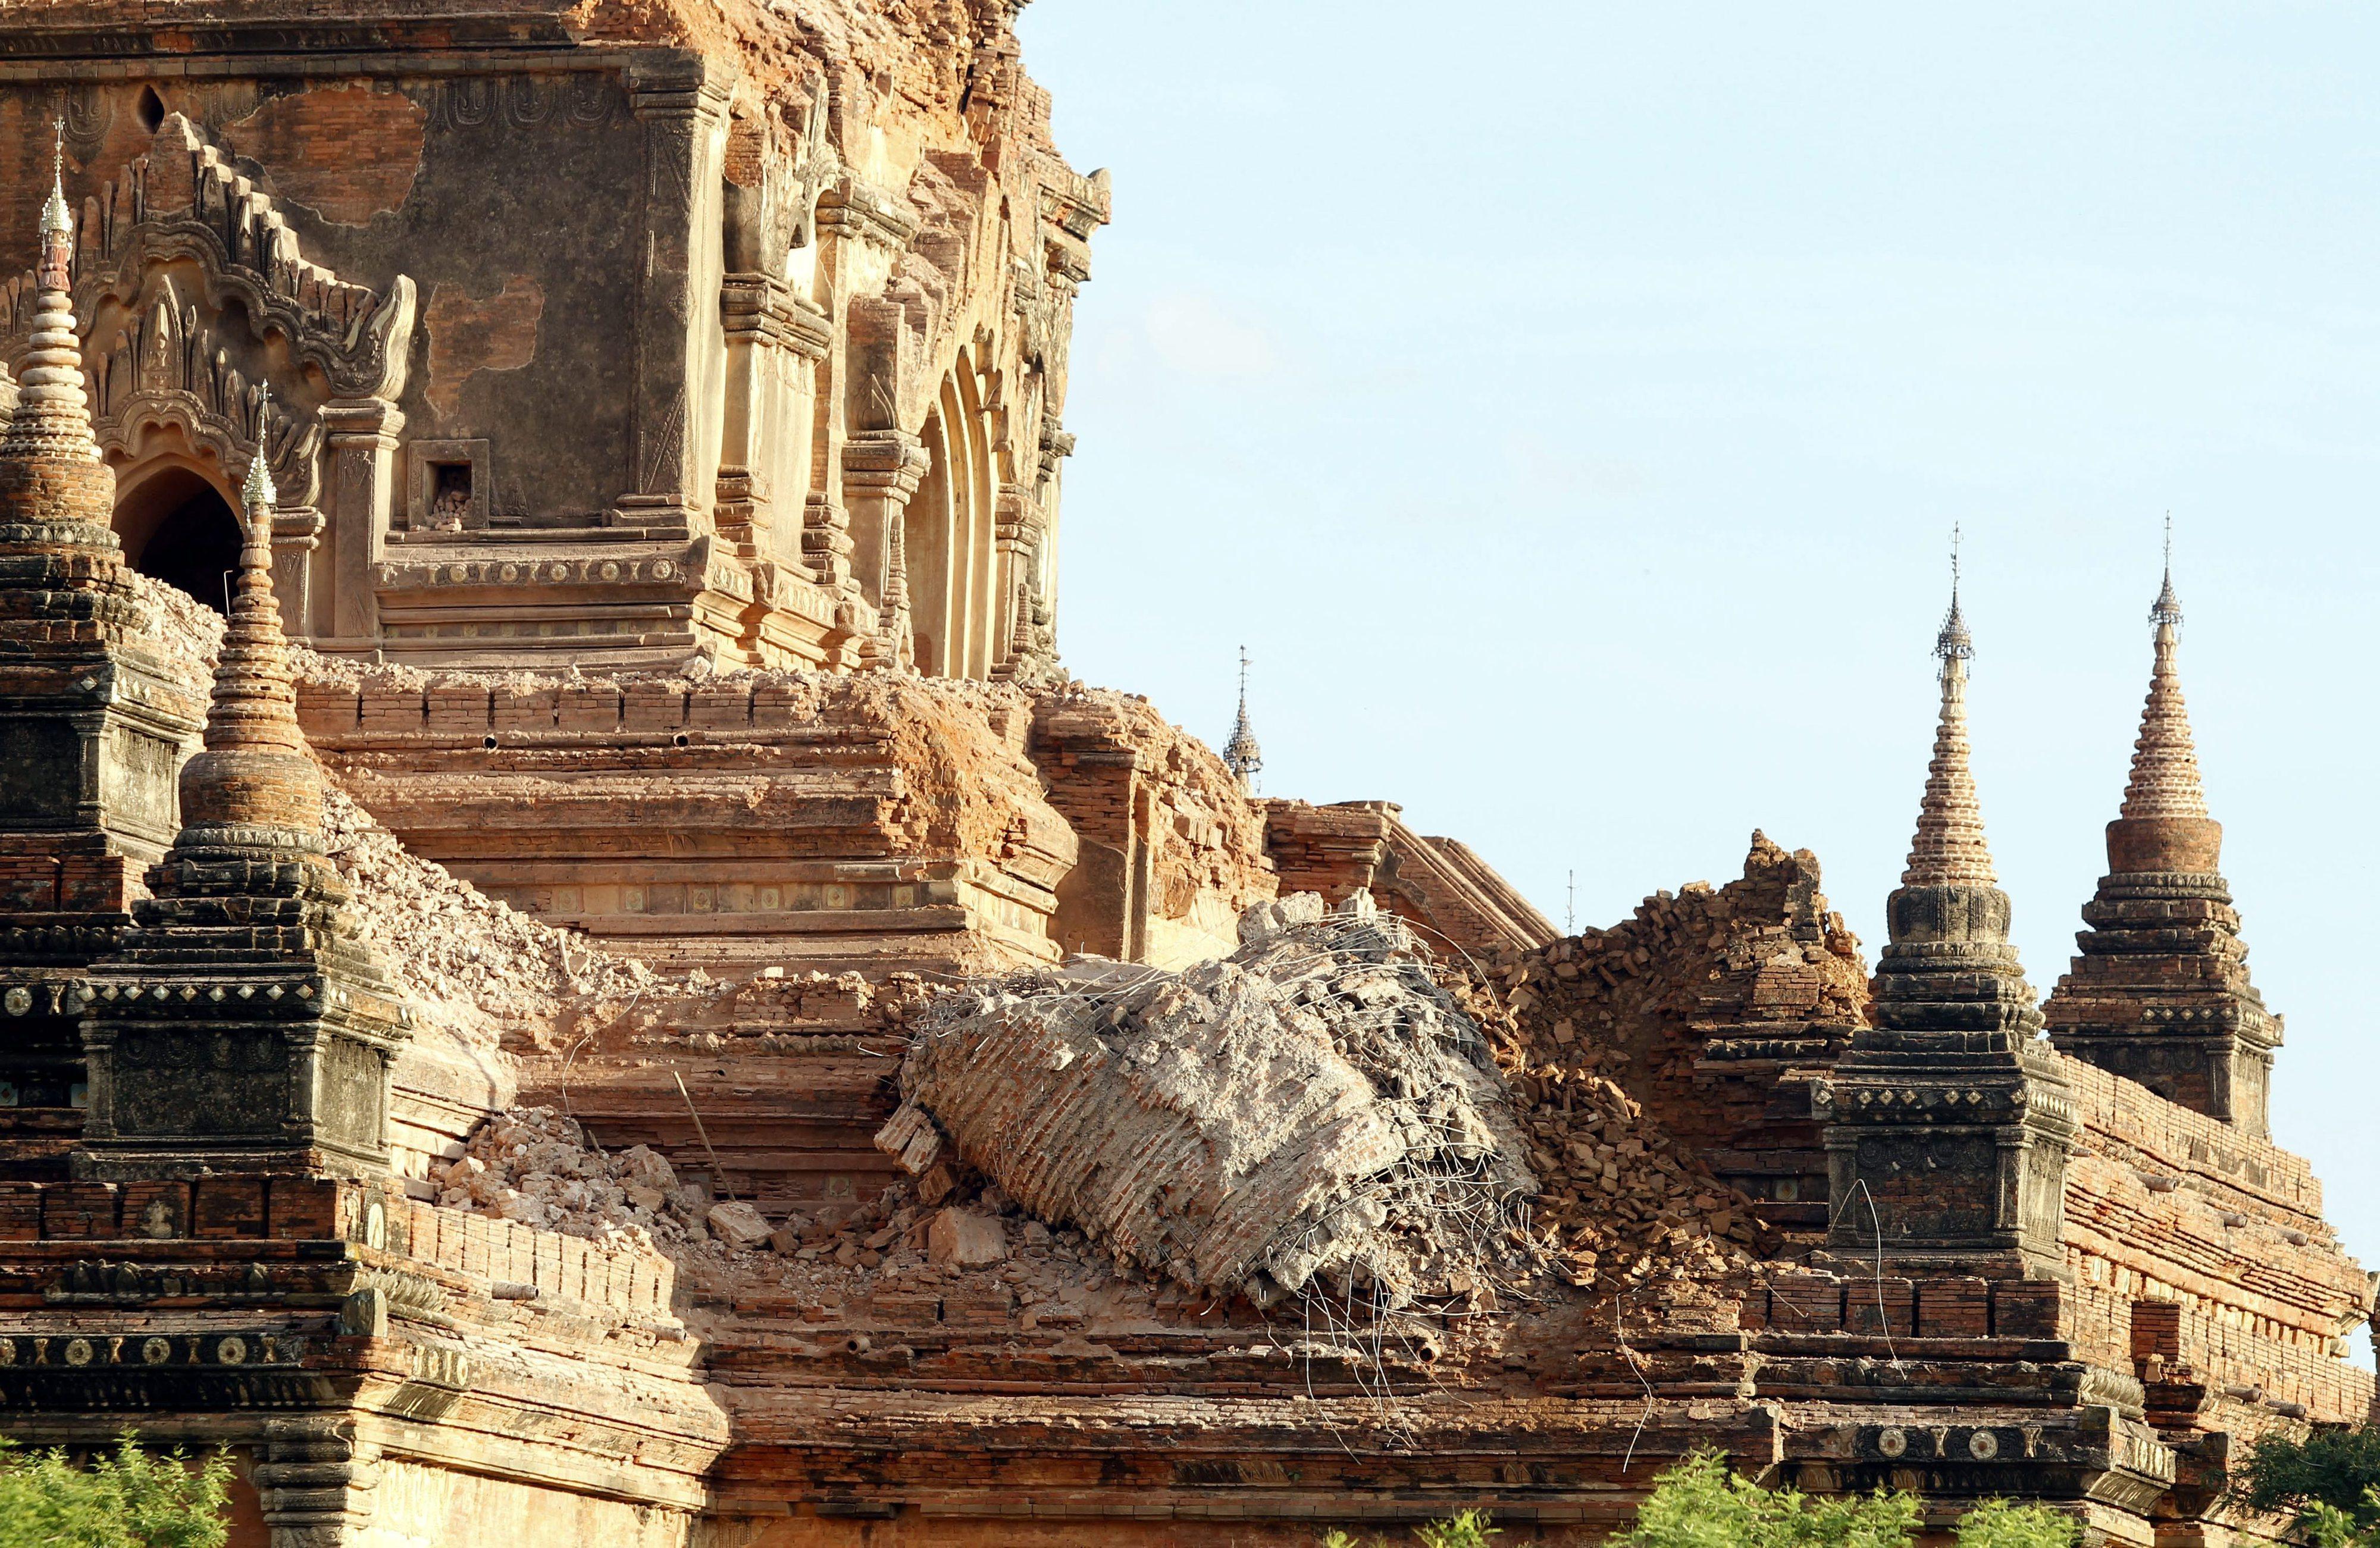 Terramoto na Birmânia fez quatro mortos e danificou 185 templos de Bagan